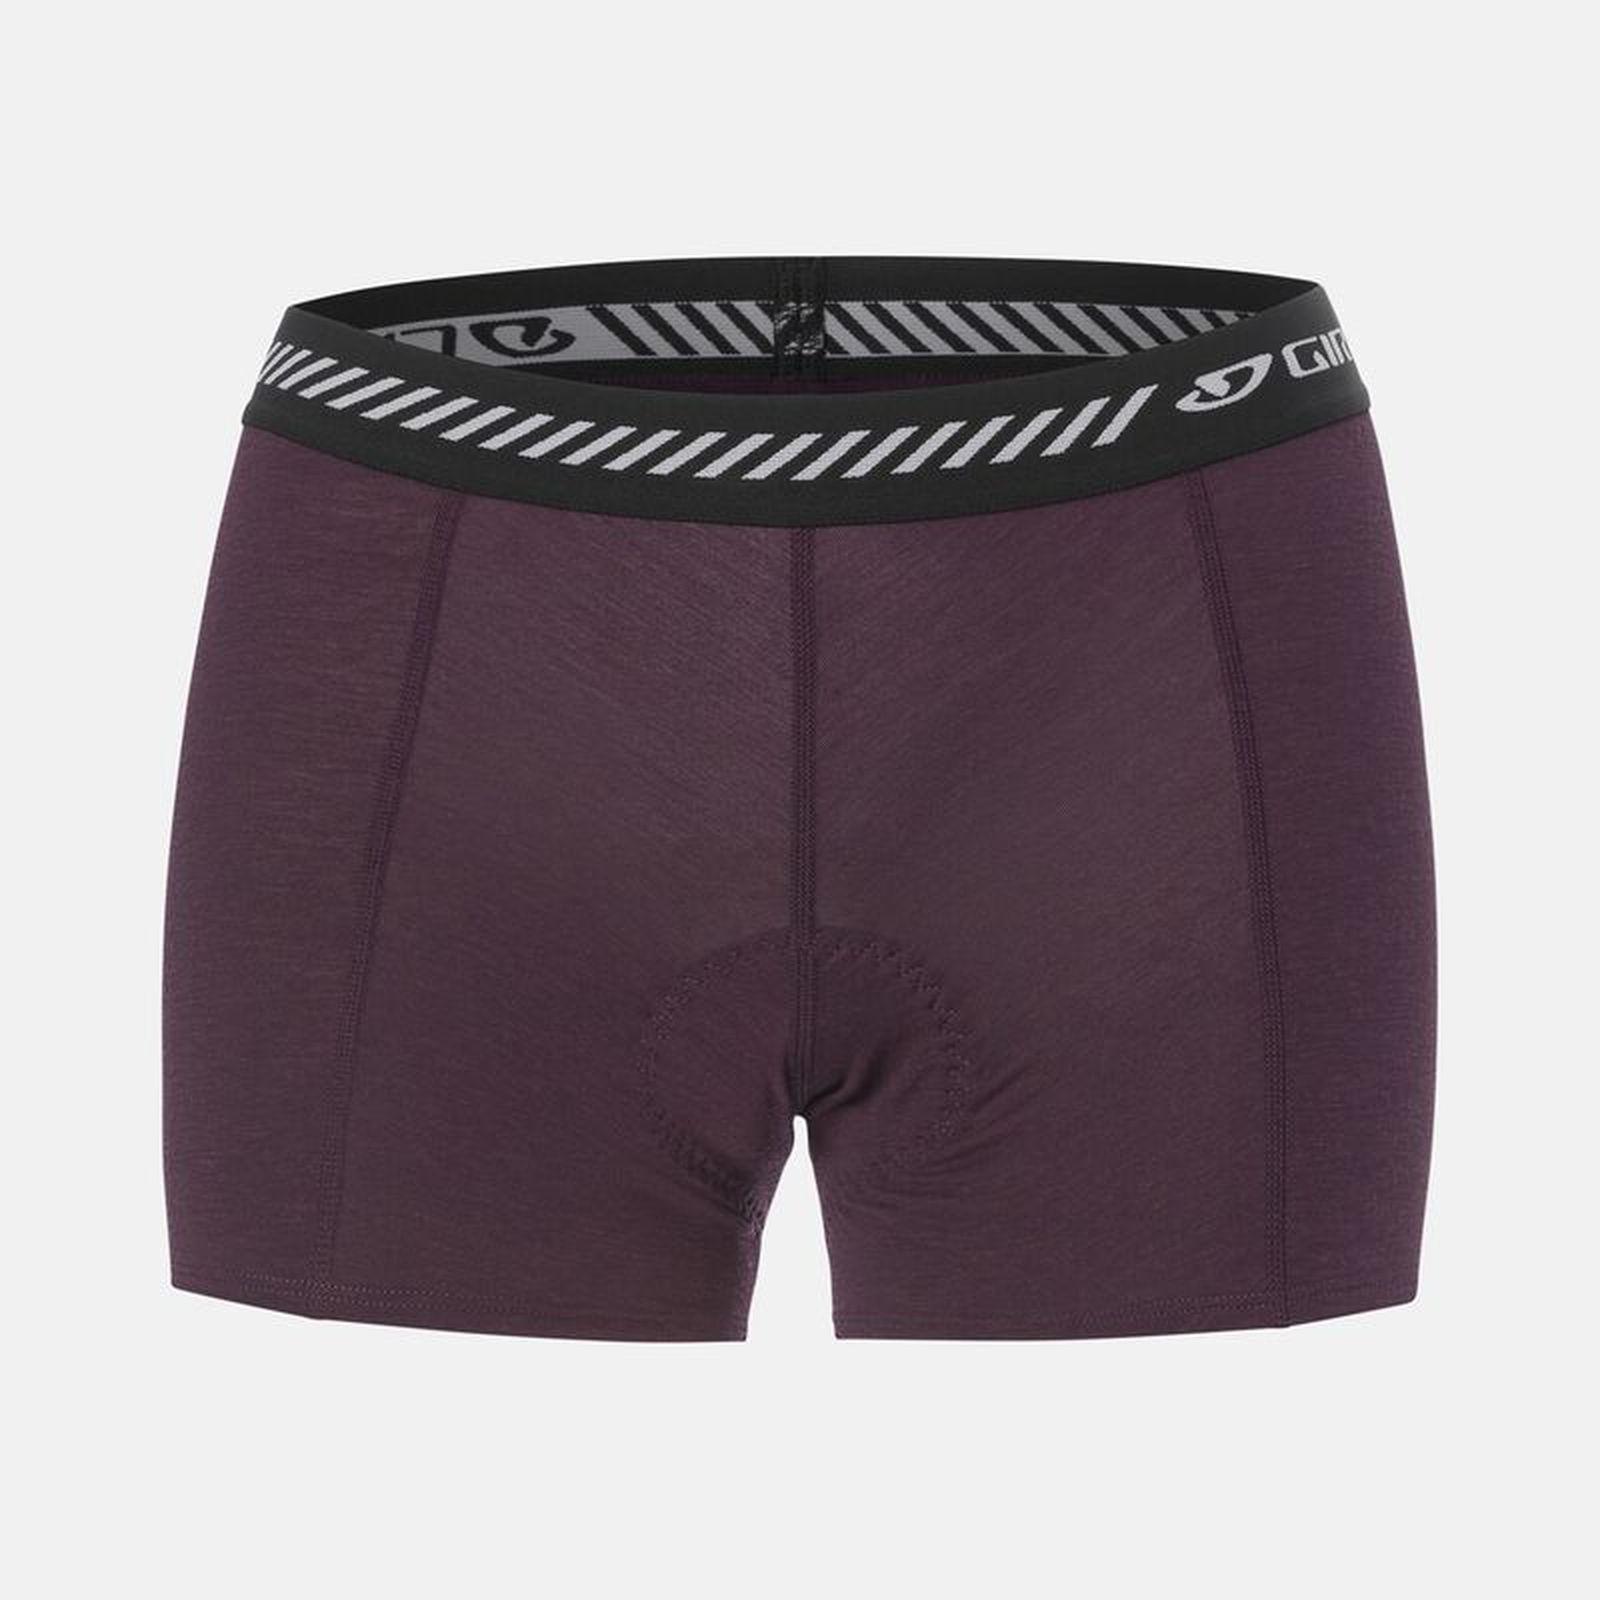 giro-boy-undershort-ii-womens-dirt-apparel-urchin-hero best womens cycling shorts